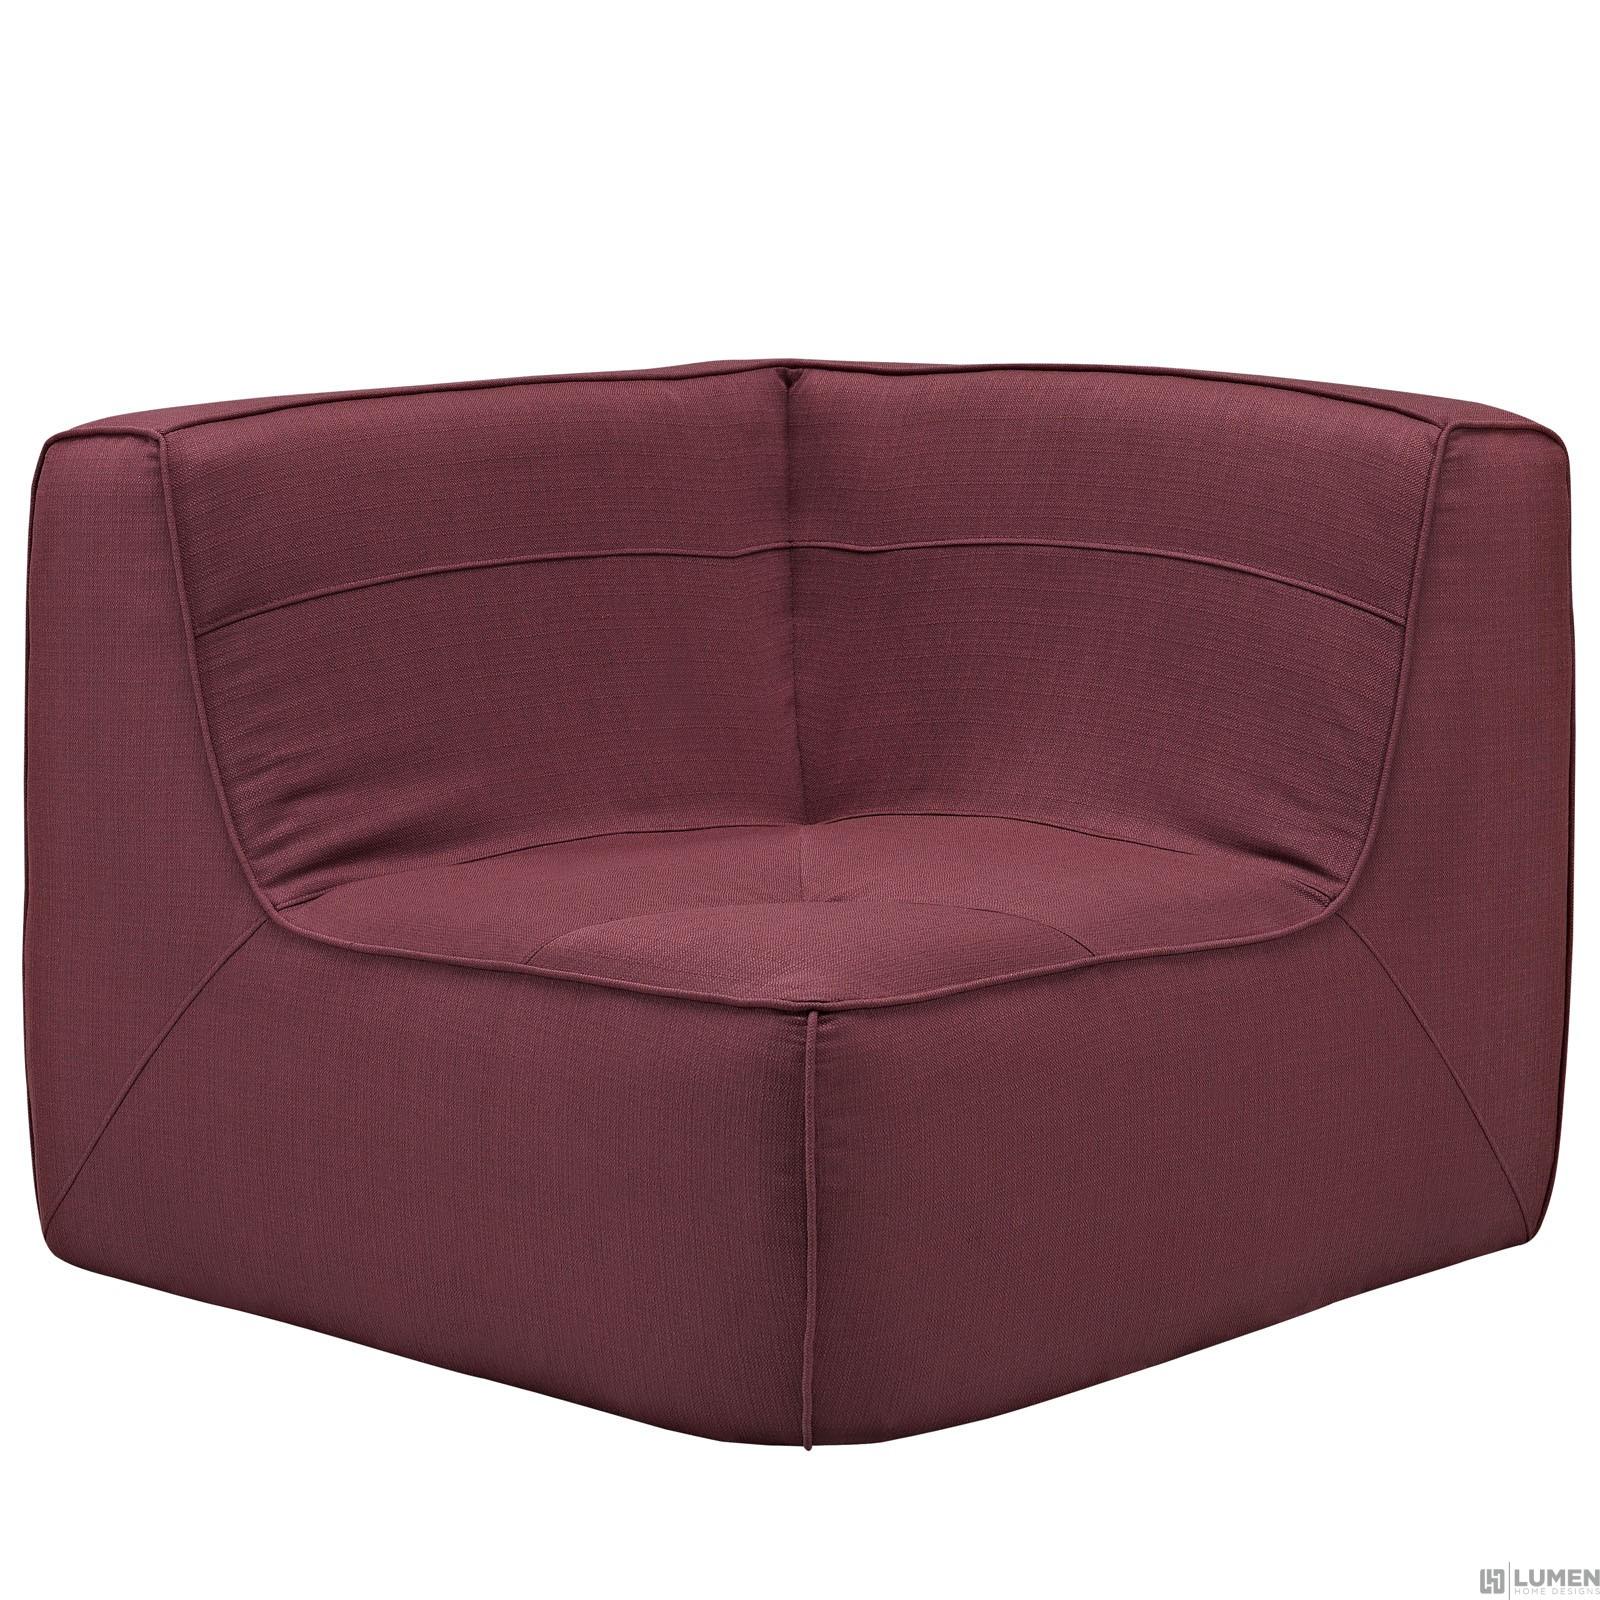 LHD-1356-BER-sofa